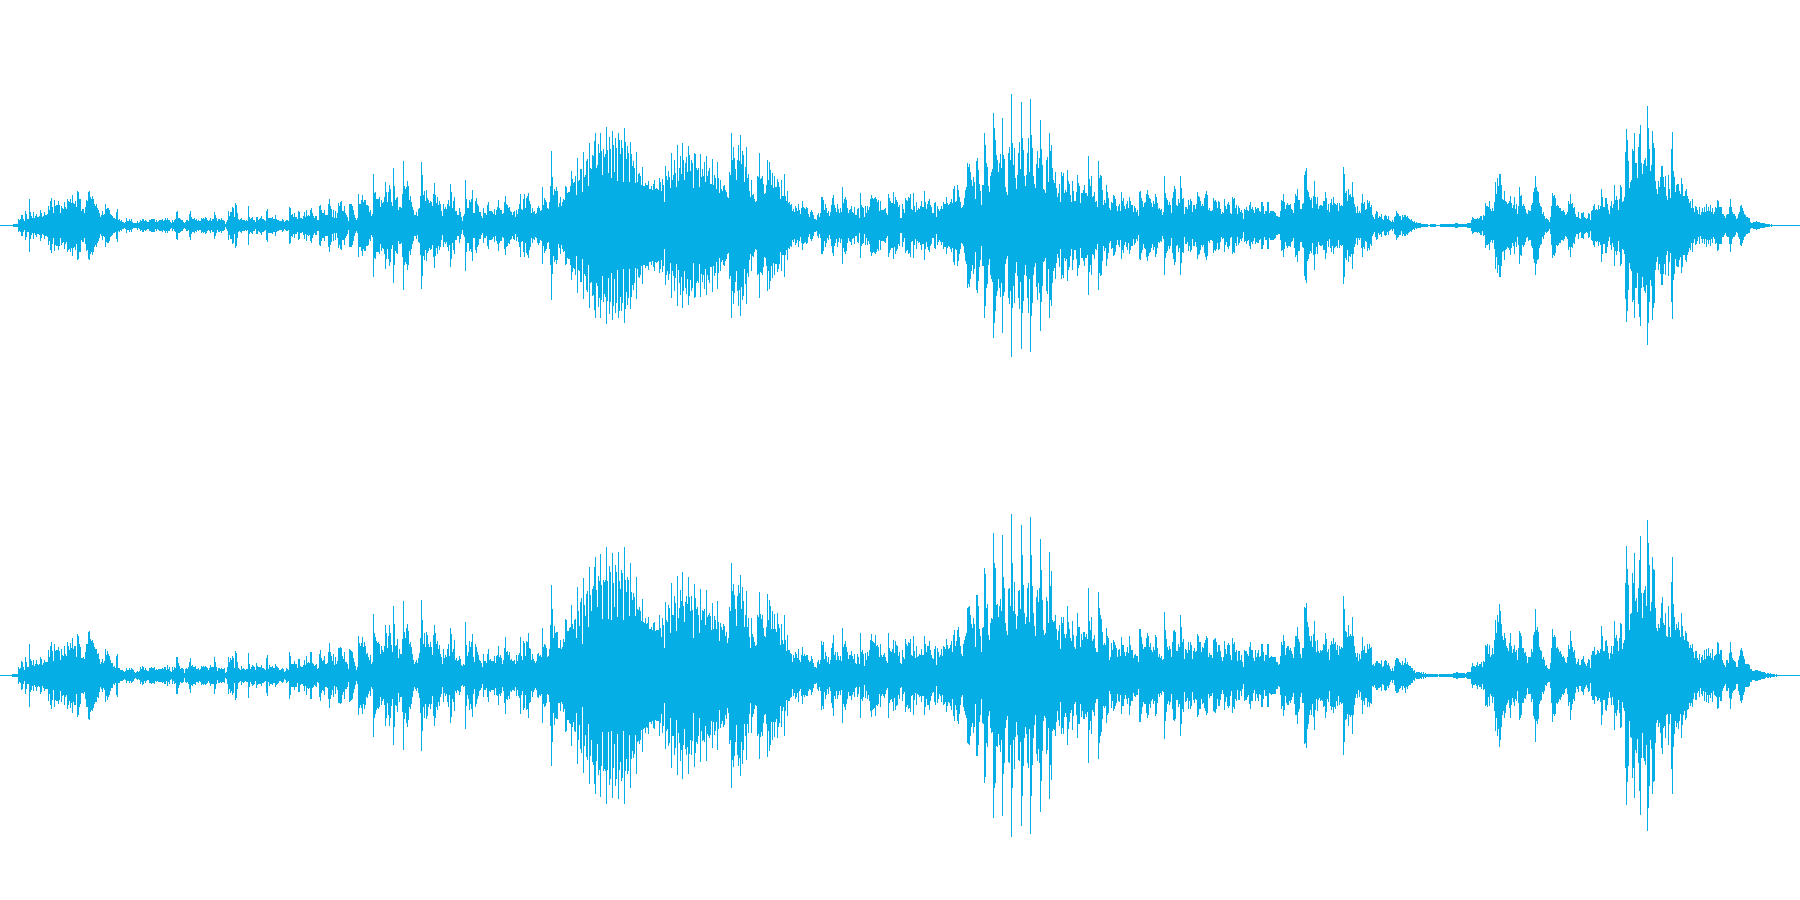 うぅ〜(うめき声)の再生済みの波形